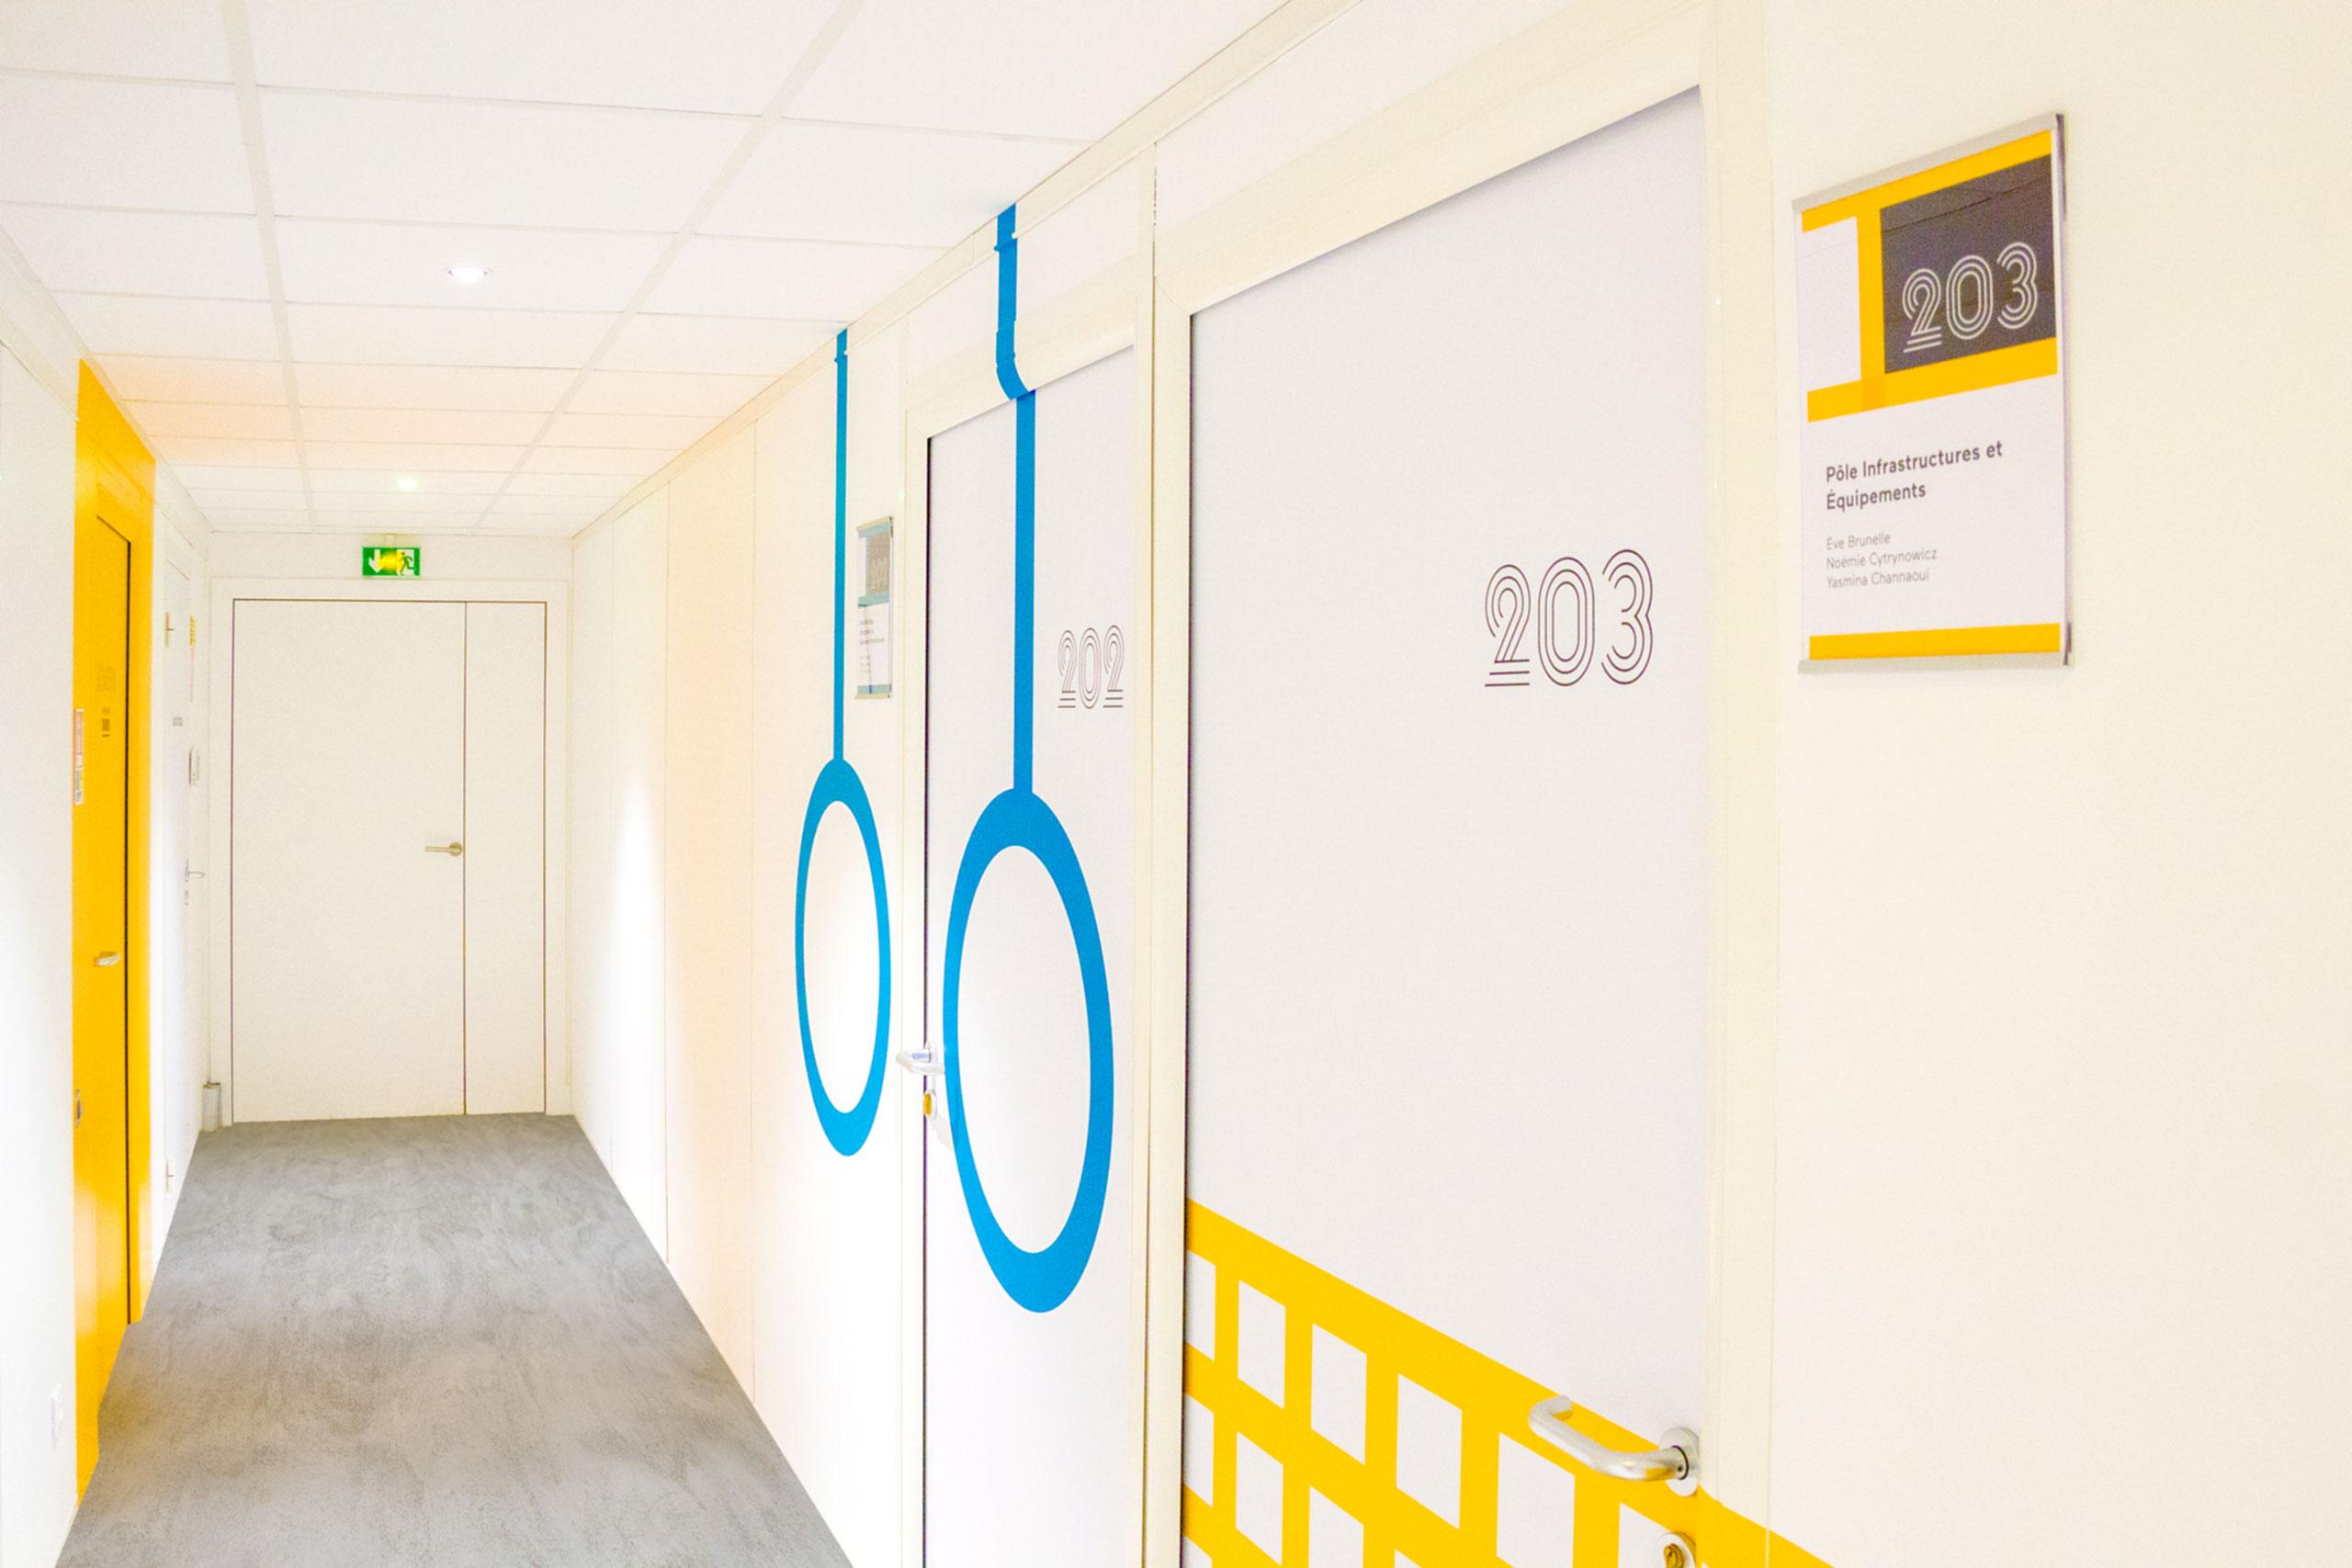 2024巴黎奥林匹克筹备办公室环境图形及标识设计 © cldesign